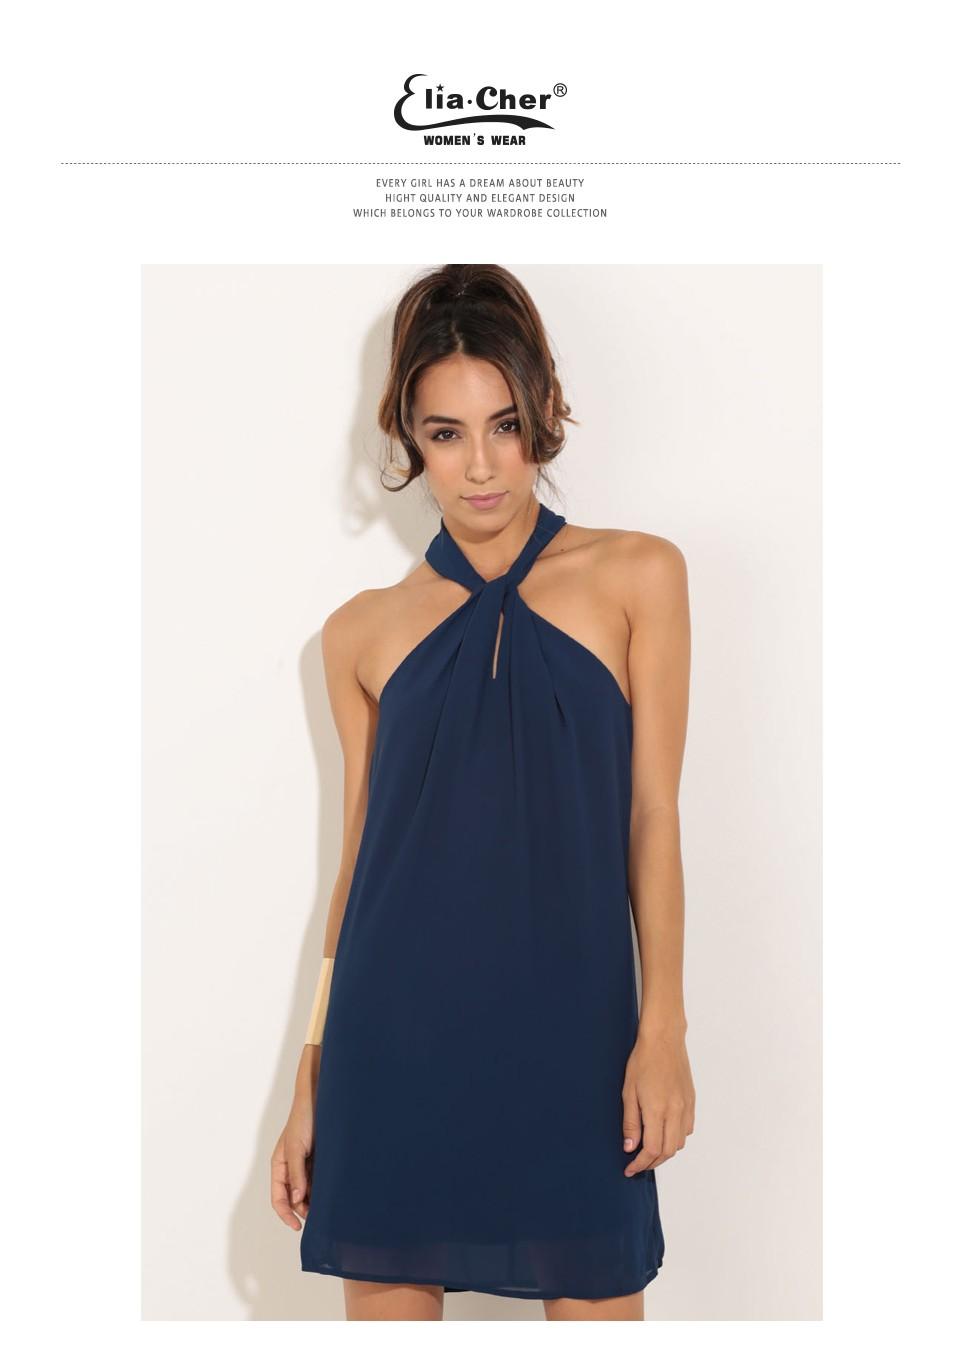 Women Chiffon Dress 17 Summer Dress Eliacher Brand Plus Size Chic sexy Sleeveless Evening Party Halter Shift Blue Dresses 1